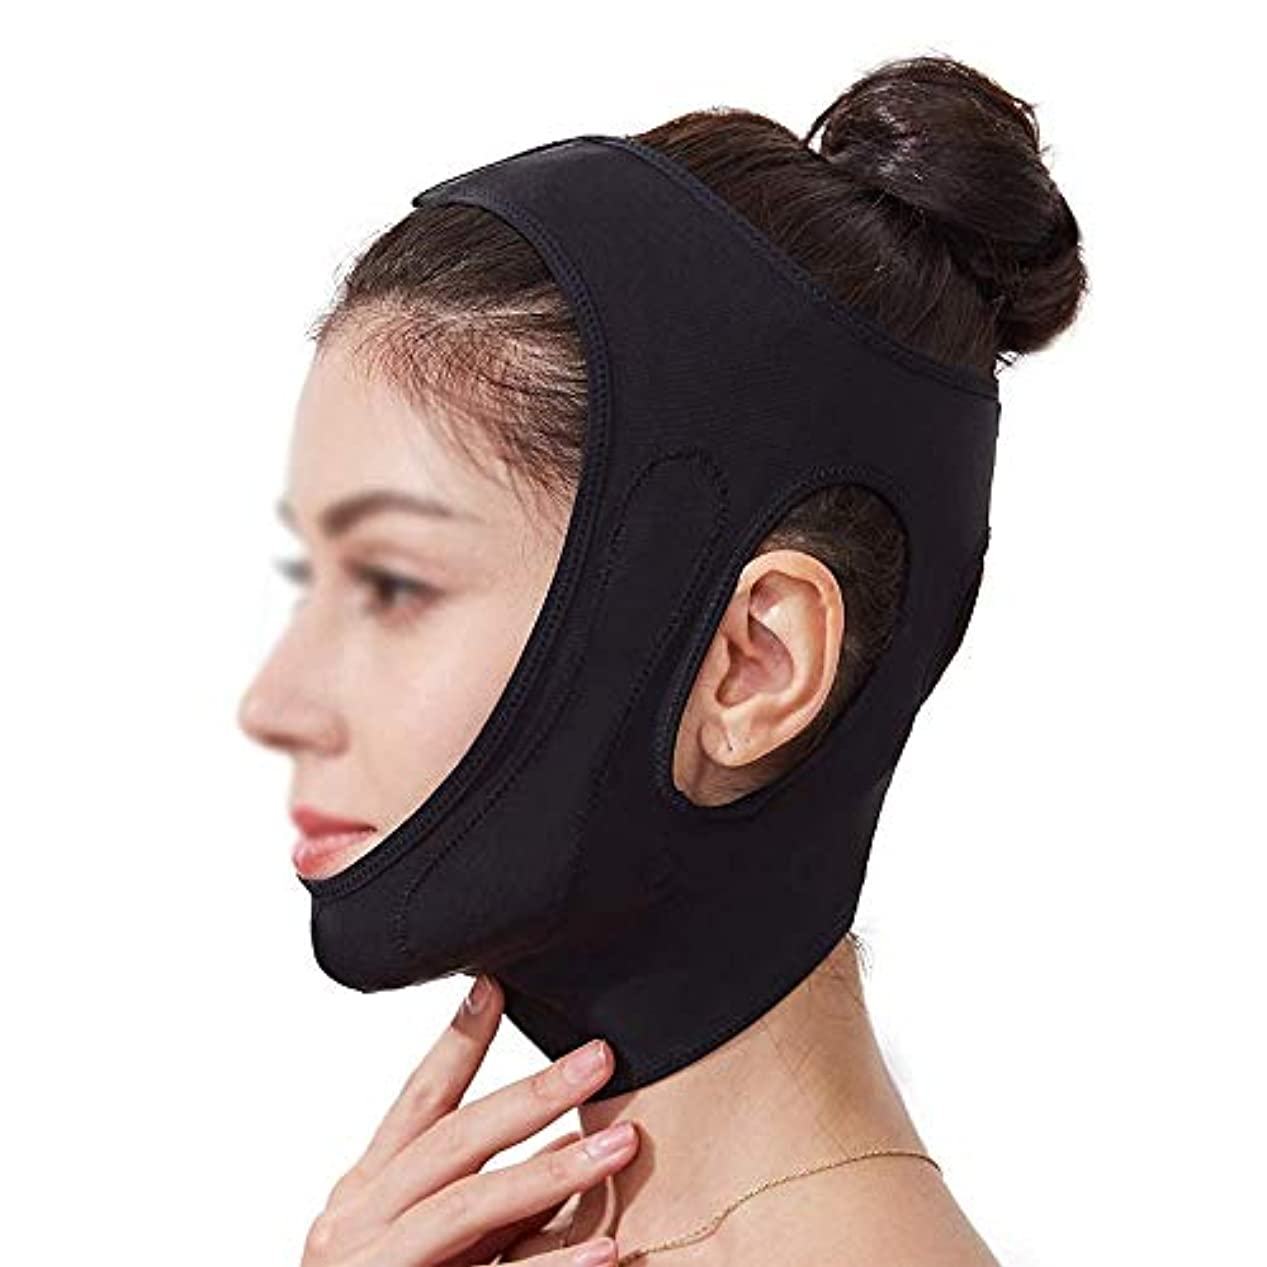 フェイスリフトテープとバンド、Vフェイスベルトフェイスリフト包帯、顎を持ち上げる、フェイシャルリフト、あごストラップ、通気性包帯、フリーサイズ(カラー:イエローピンク),ブラック